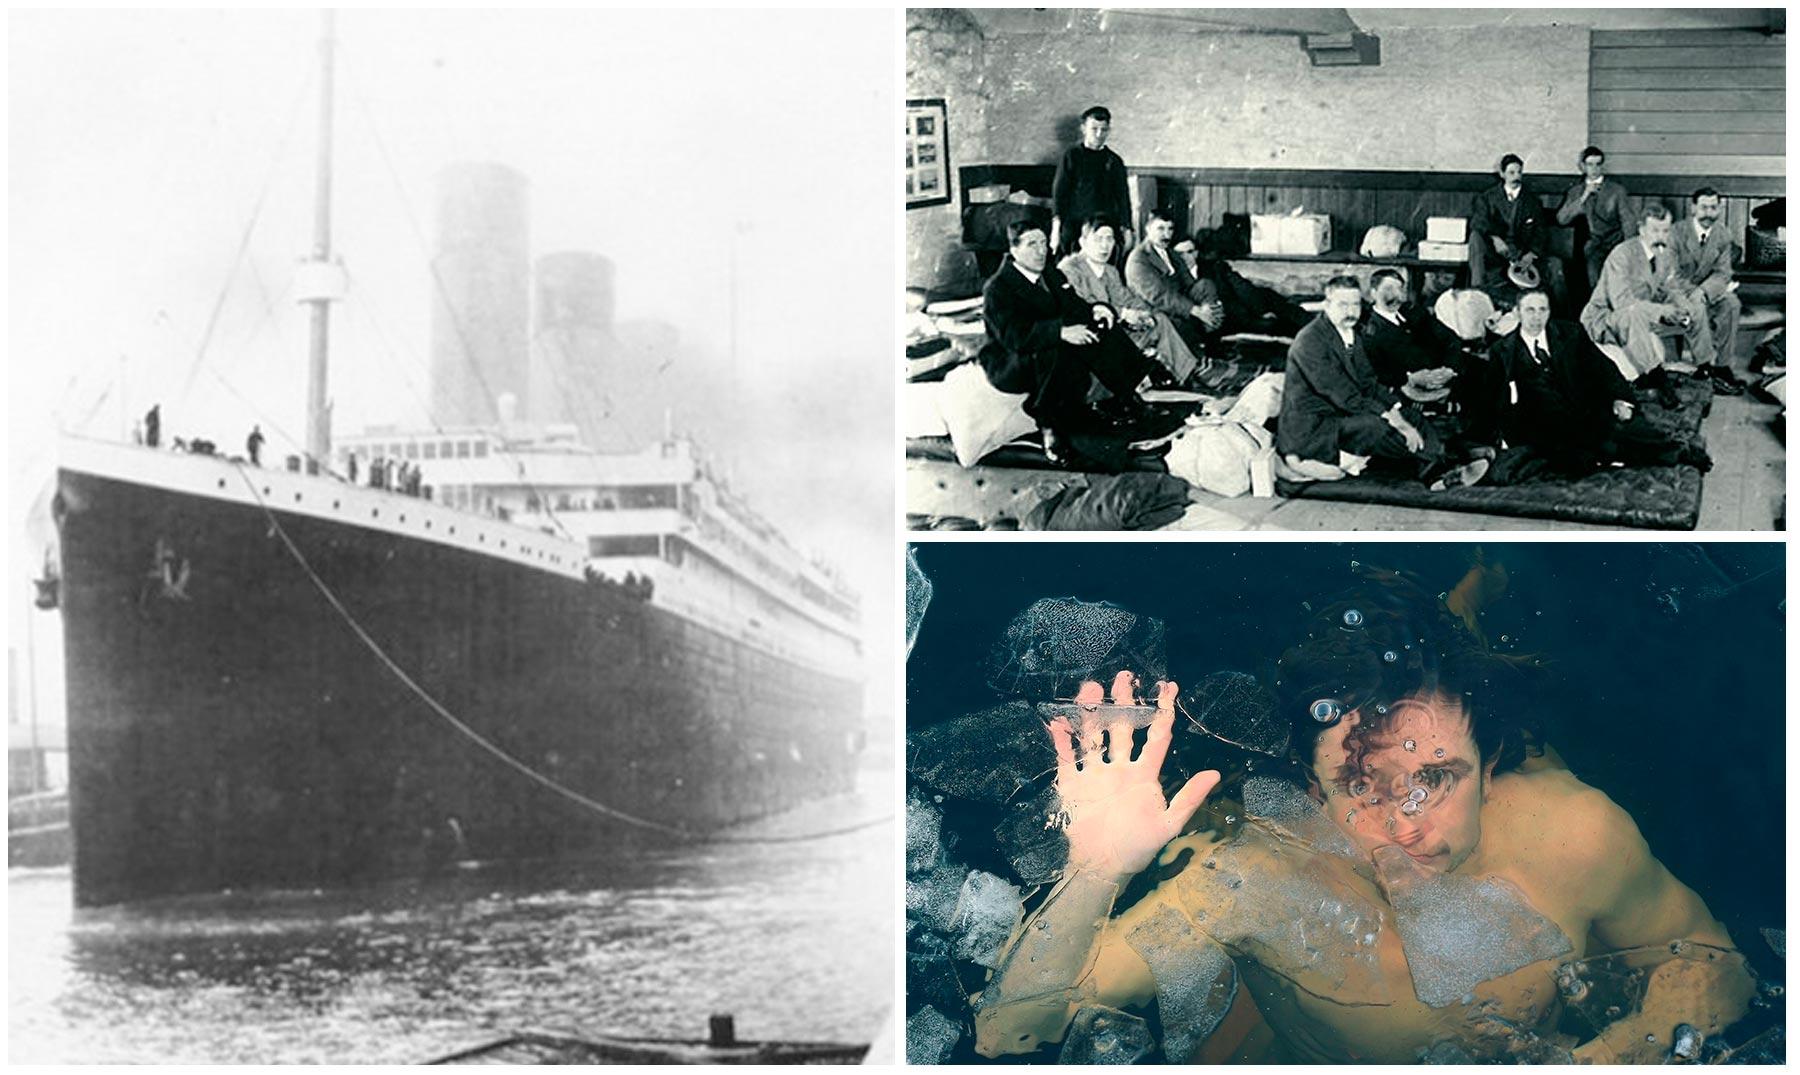 Más historias de los pasajeros del Titanic que quizá NO